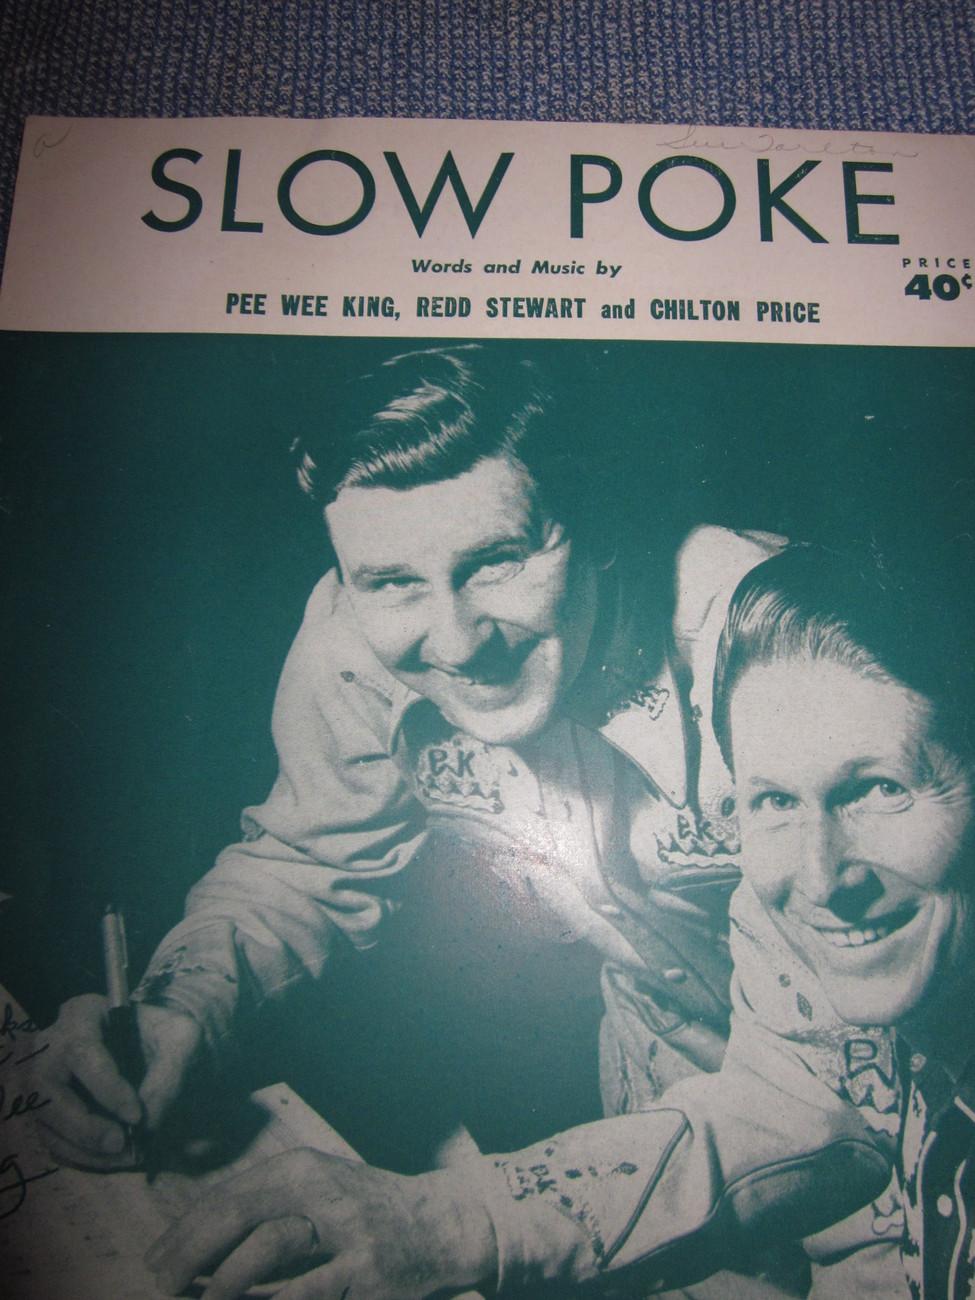 Vintage Sheet Music Slow Poke Pee Wee King, Redd Stewart, Chilton Price 1951